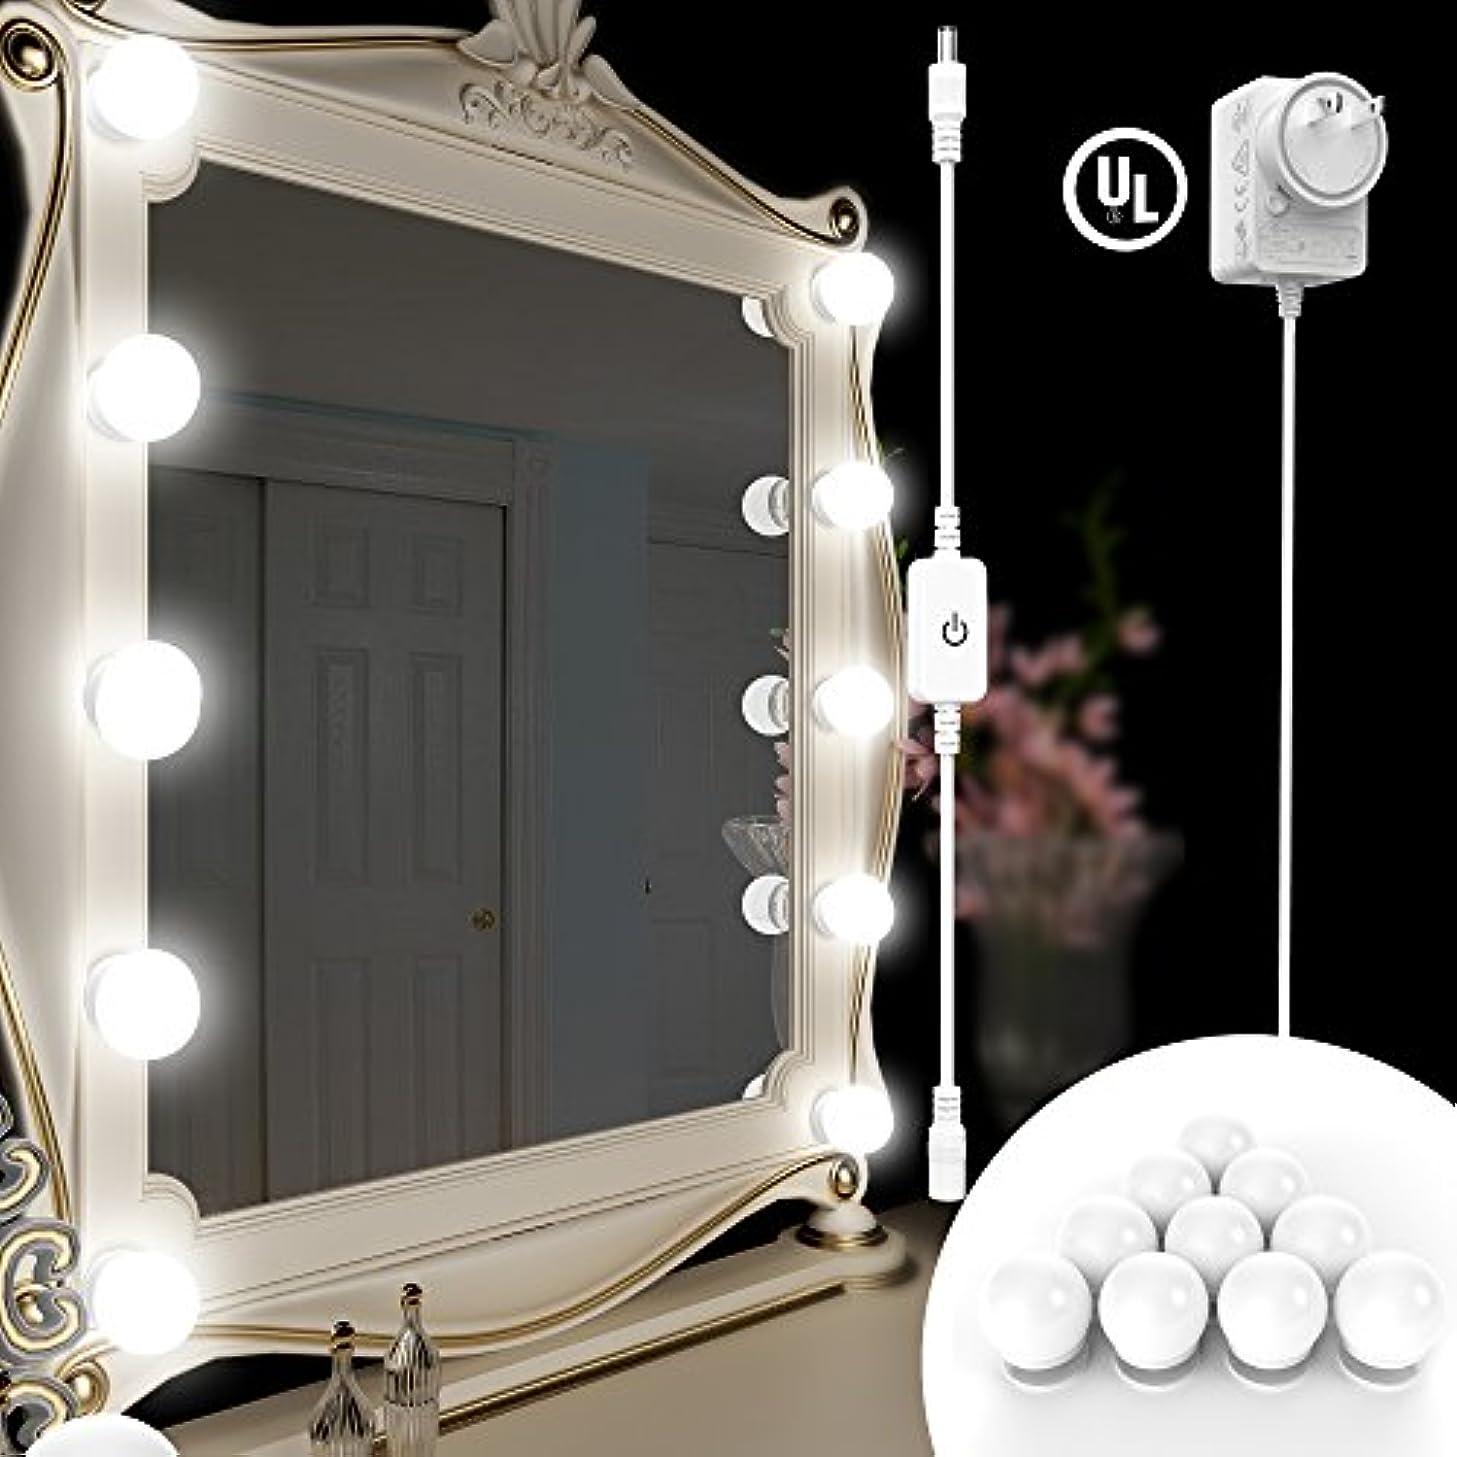 ハイライト最終征服するBlueFire DIY 化粧鏡 LEDライト 女優ミラーライト ハリウッドライト ドレッサーライト 10個LED電球 明るさ調節可能 全長3.6M 隠し配線 メイクアップミラーライト バニティミラーライトキット